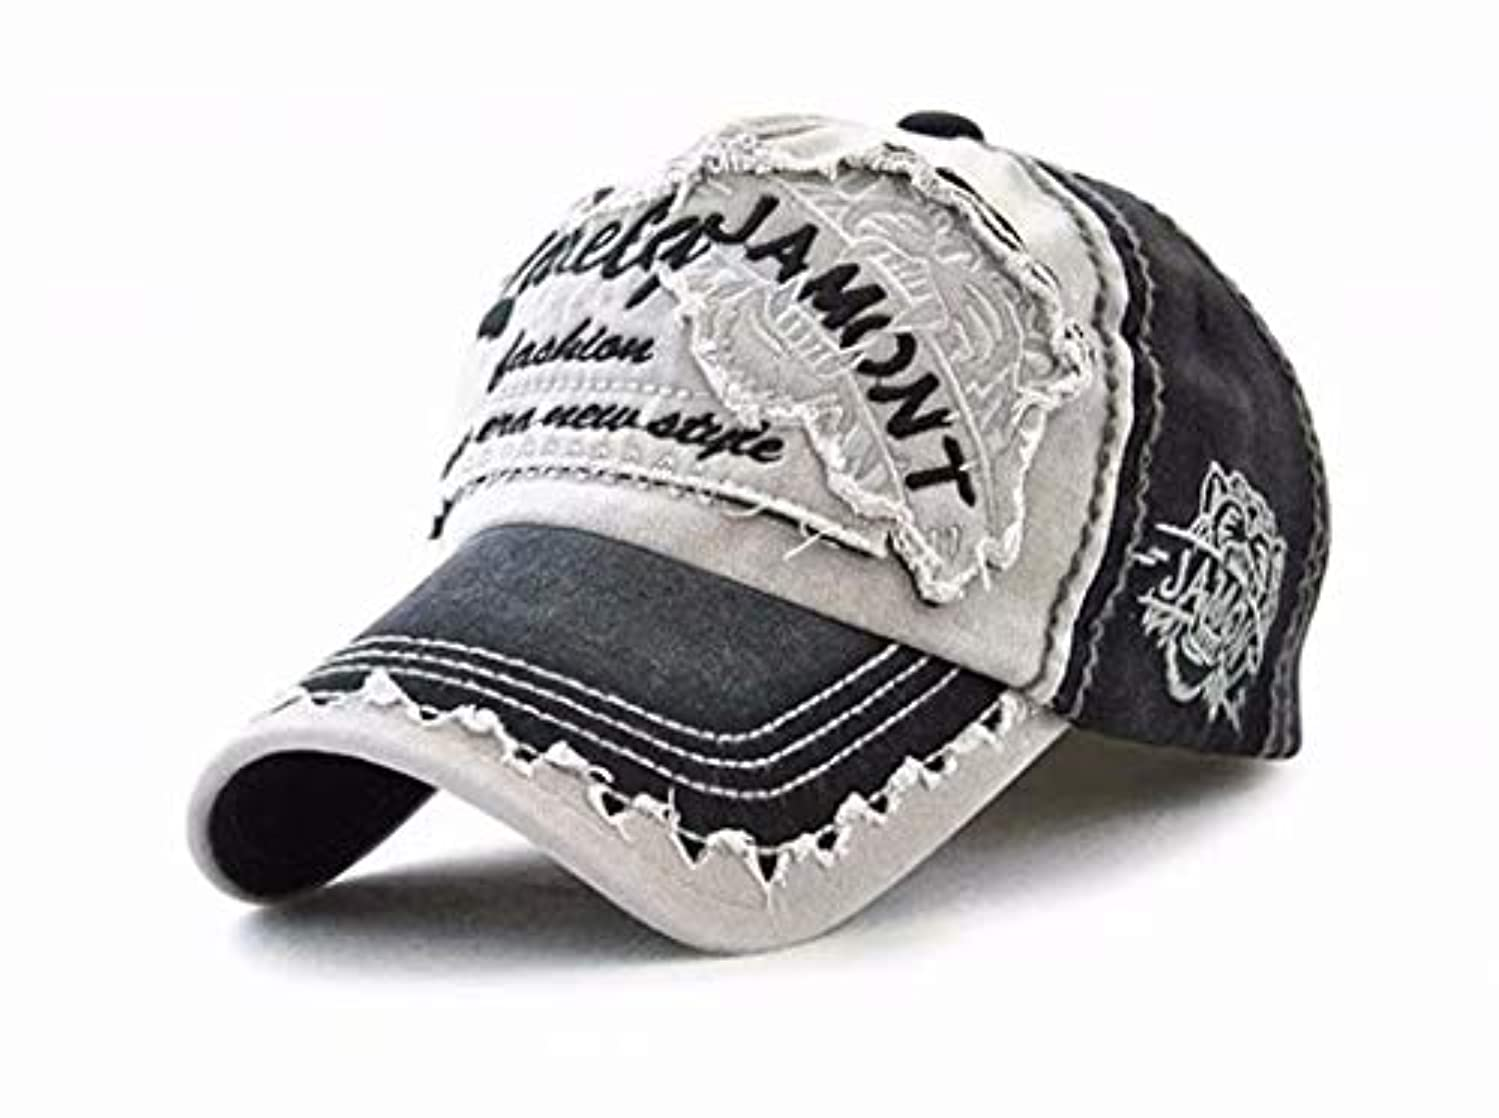 急降下泥噴水七里の香 帽子 キャップ レディース 無地 UV 男女兼用 ローキャップ 野球帽